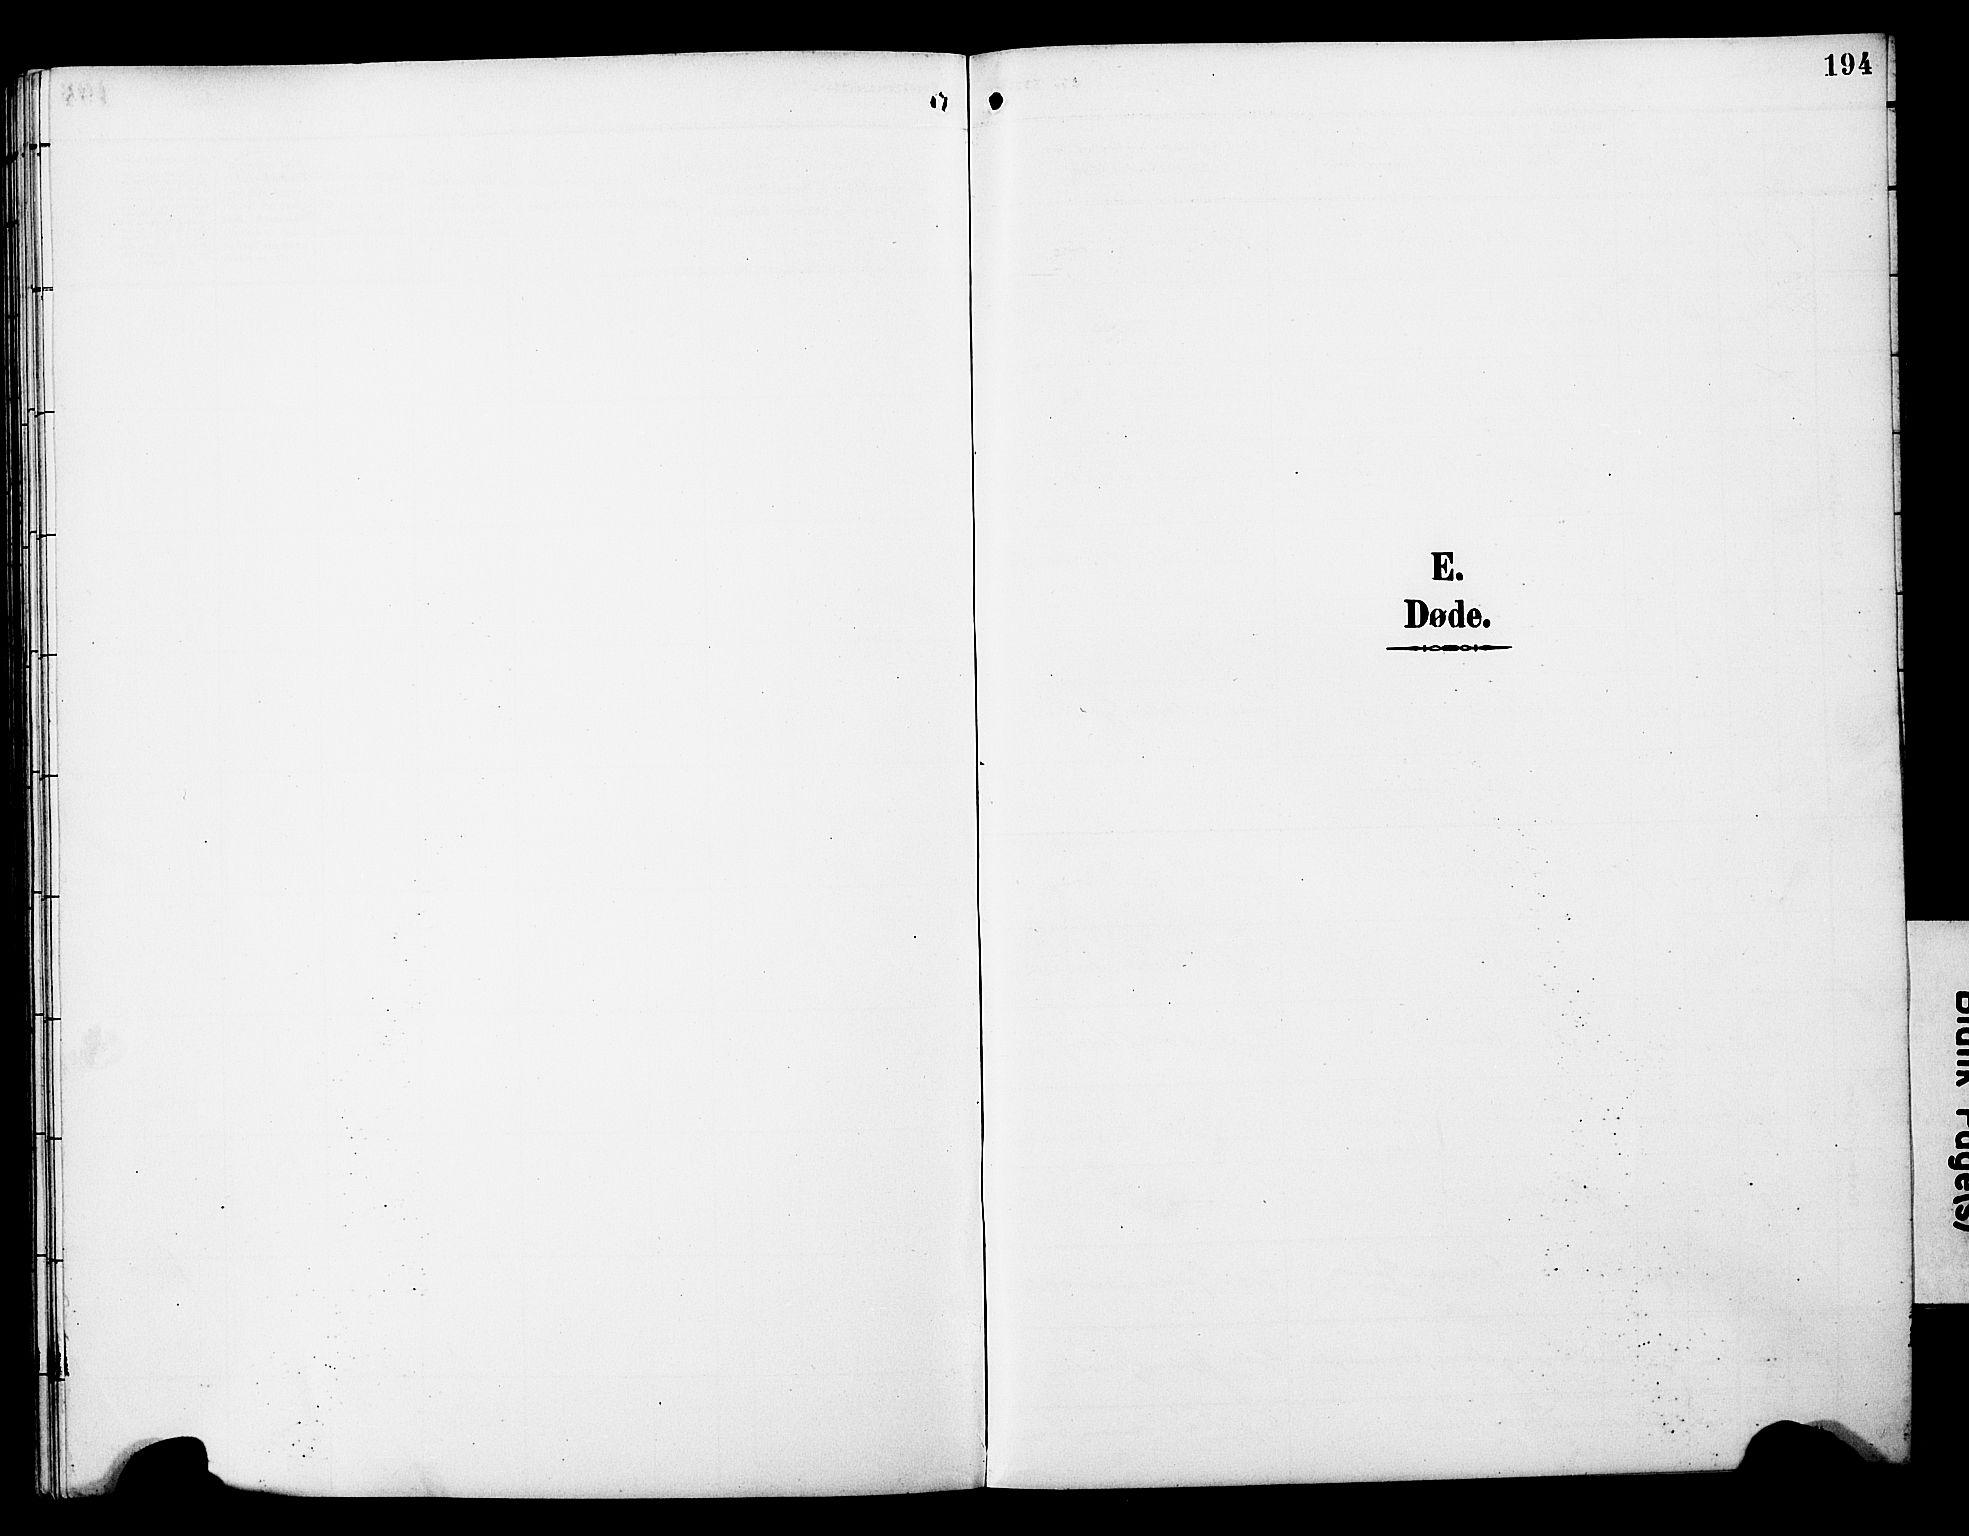 SAT, Ministerialprotokoller, klokkerbøker og fødselsregistre - Nord-Trøndelag, 788/L0701: Klokkerbok nr. 788C01, 1888-1913, s. 194